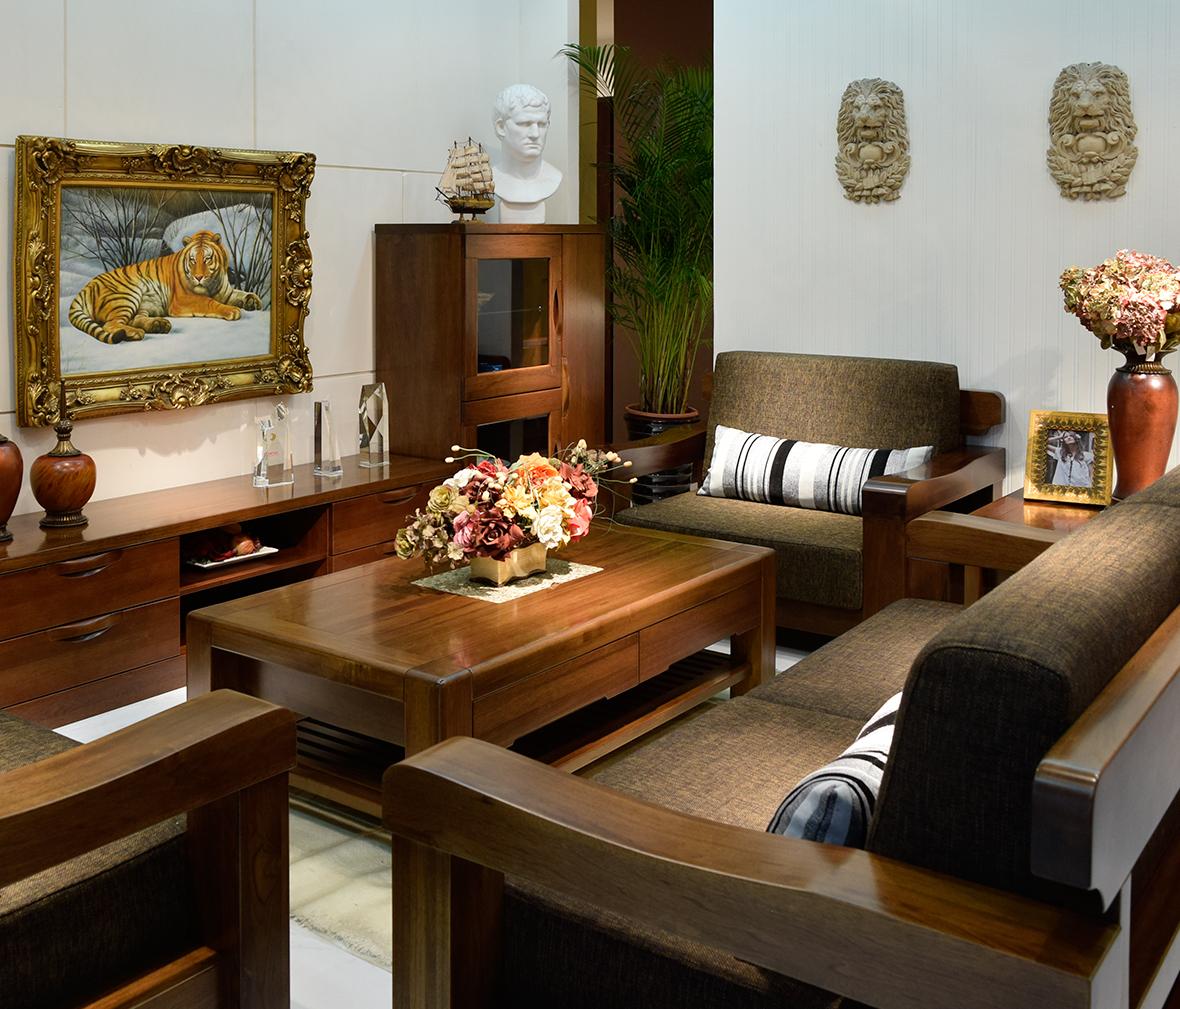 非洲红翅木 现代简约  眼缘:3  双叶家具 春秋椅 双人位沙发 水曲柳材